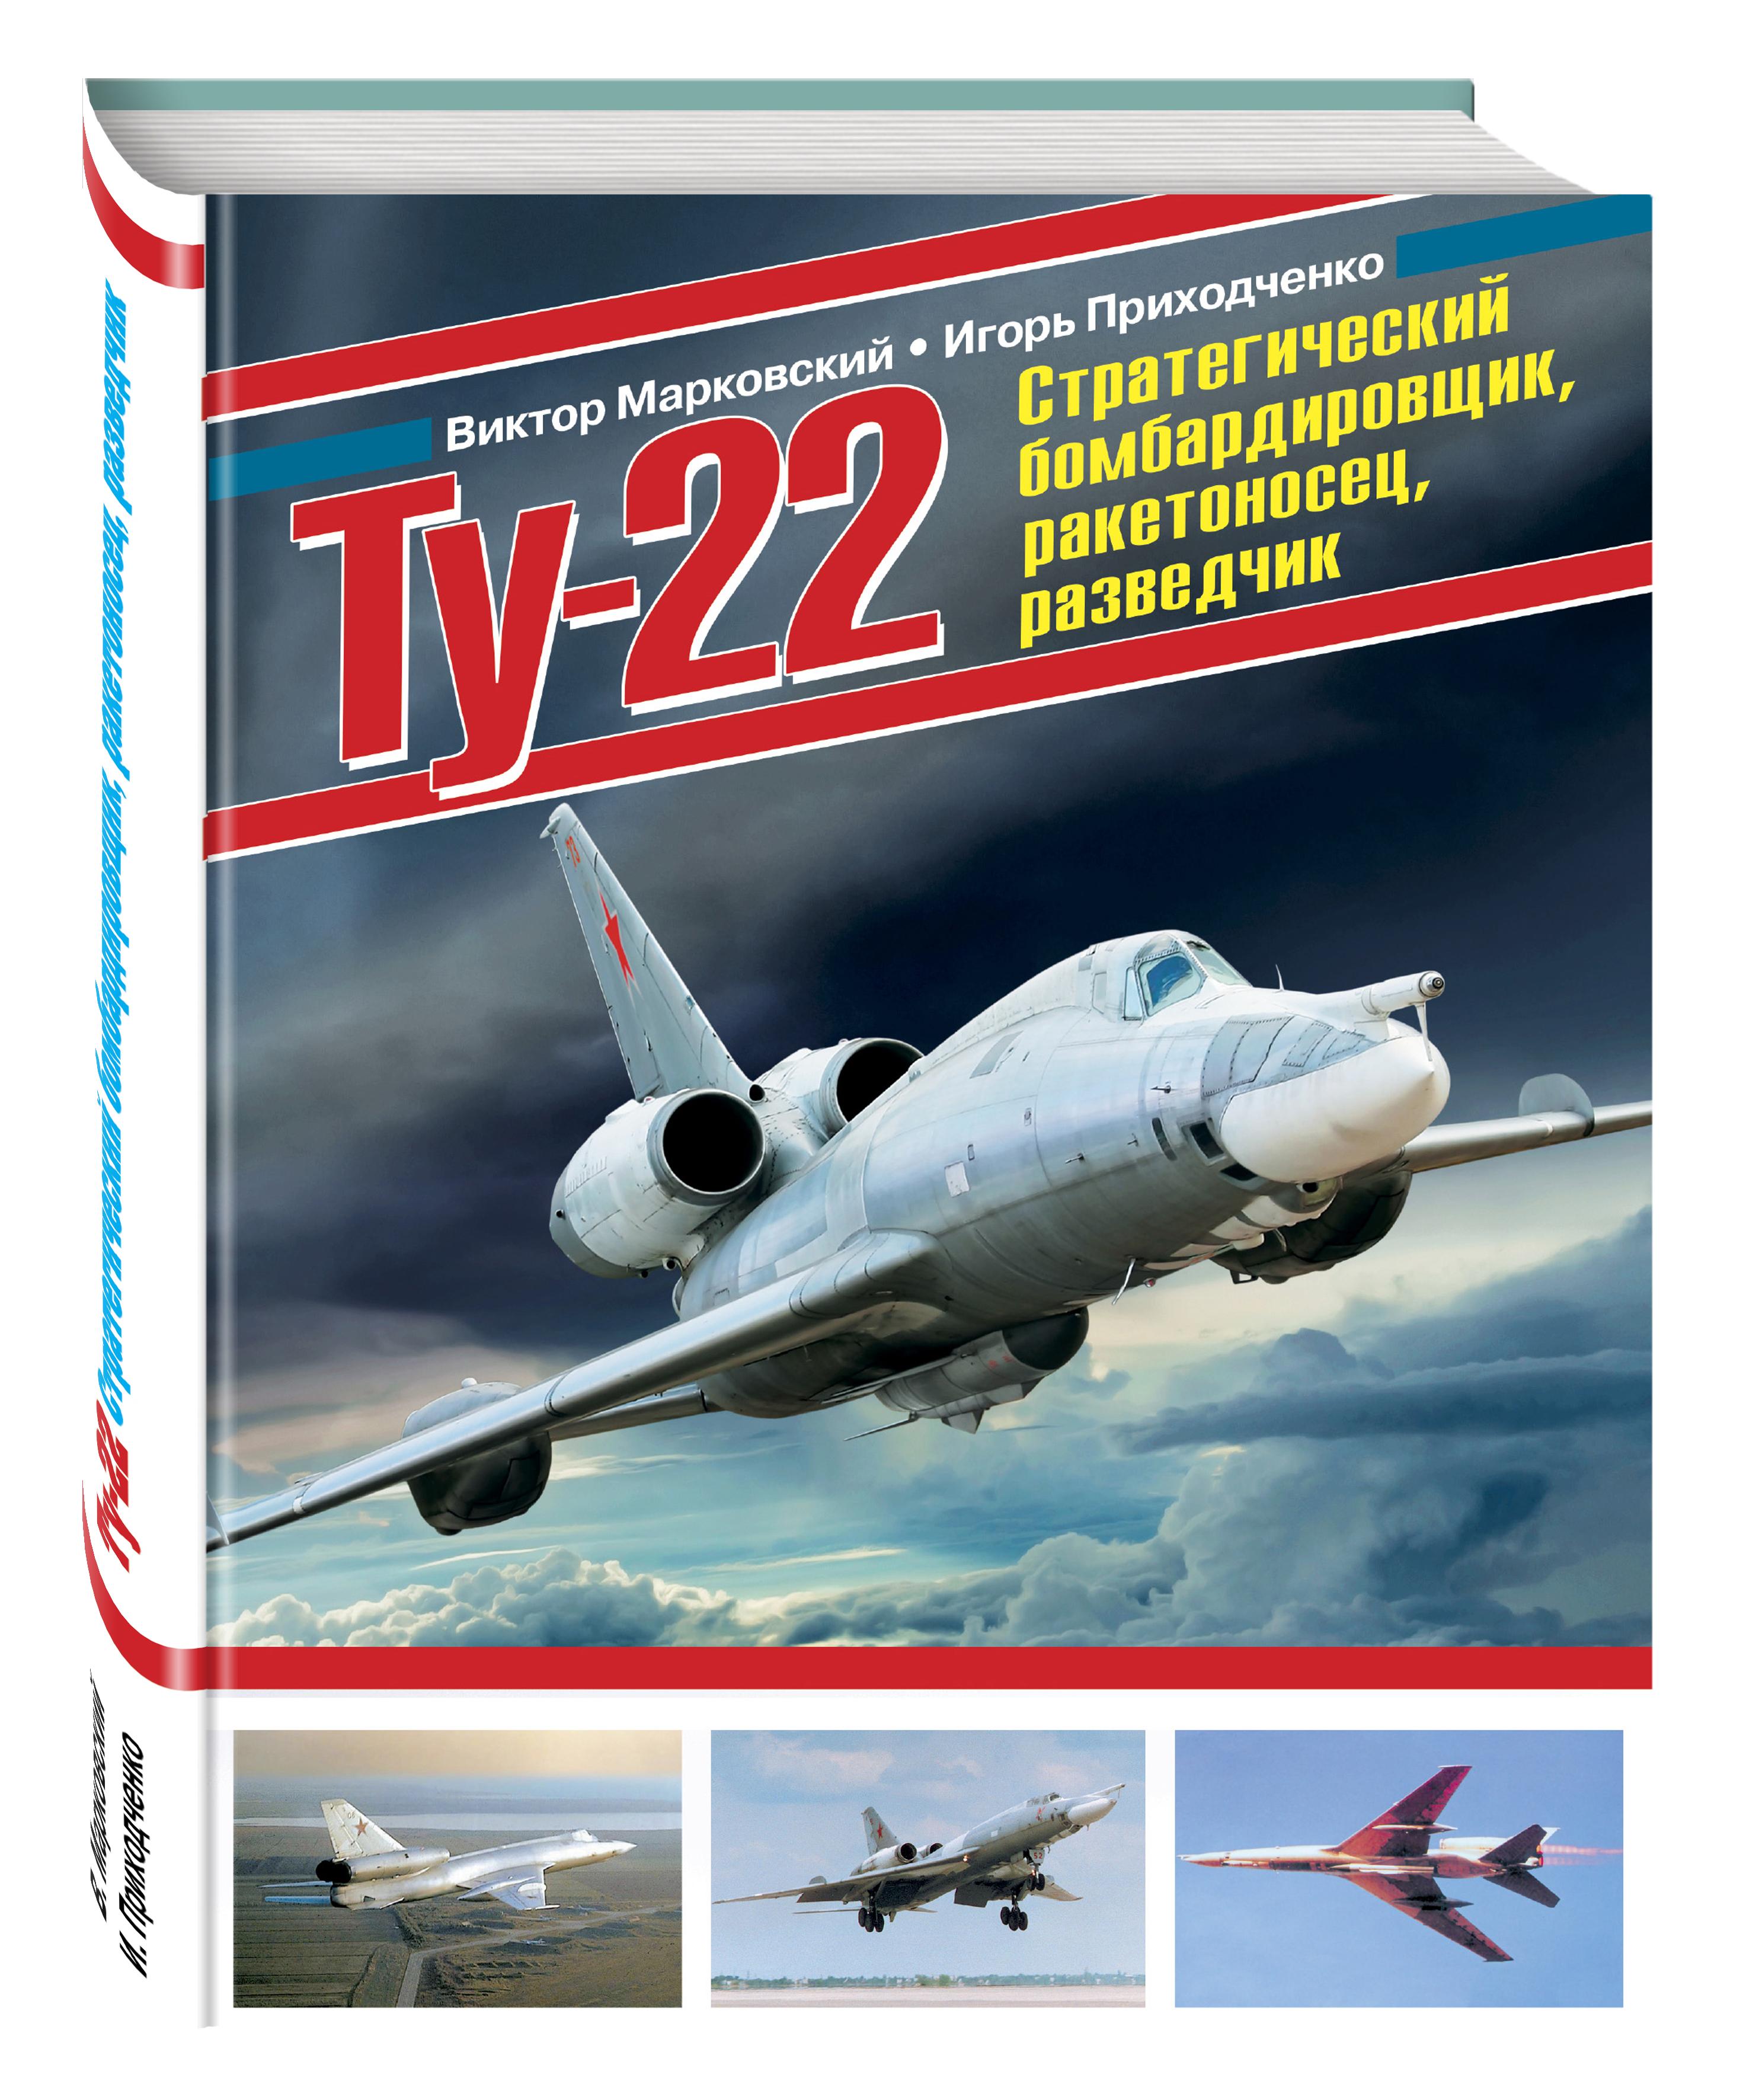 Ту-22. Стратегический бомбардировщик, ракетоносец, разведчик ( Марковский В.Ю., Приходченко И.В.  )